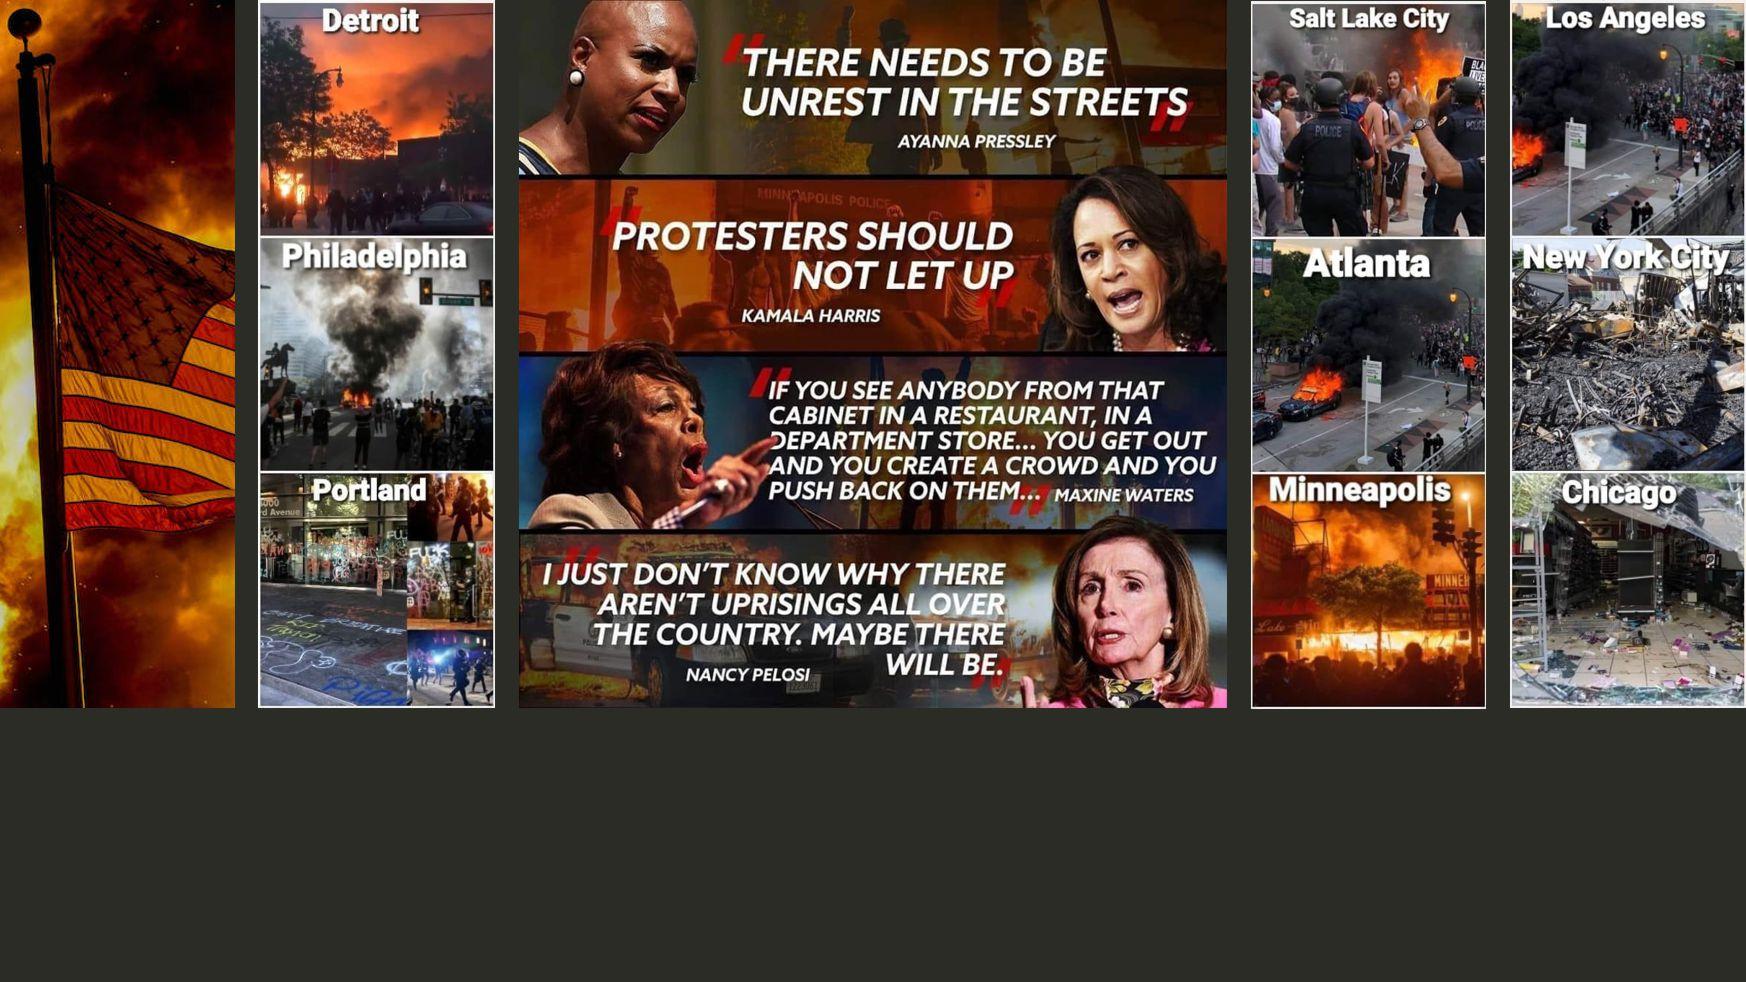 Liberal Democrats inciting violence